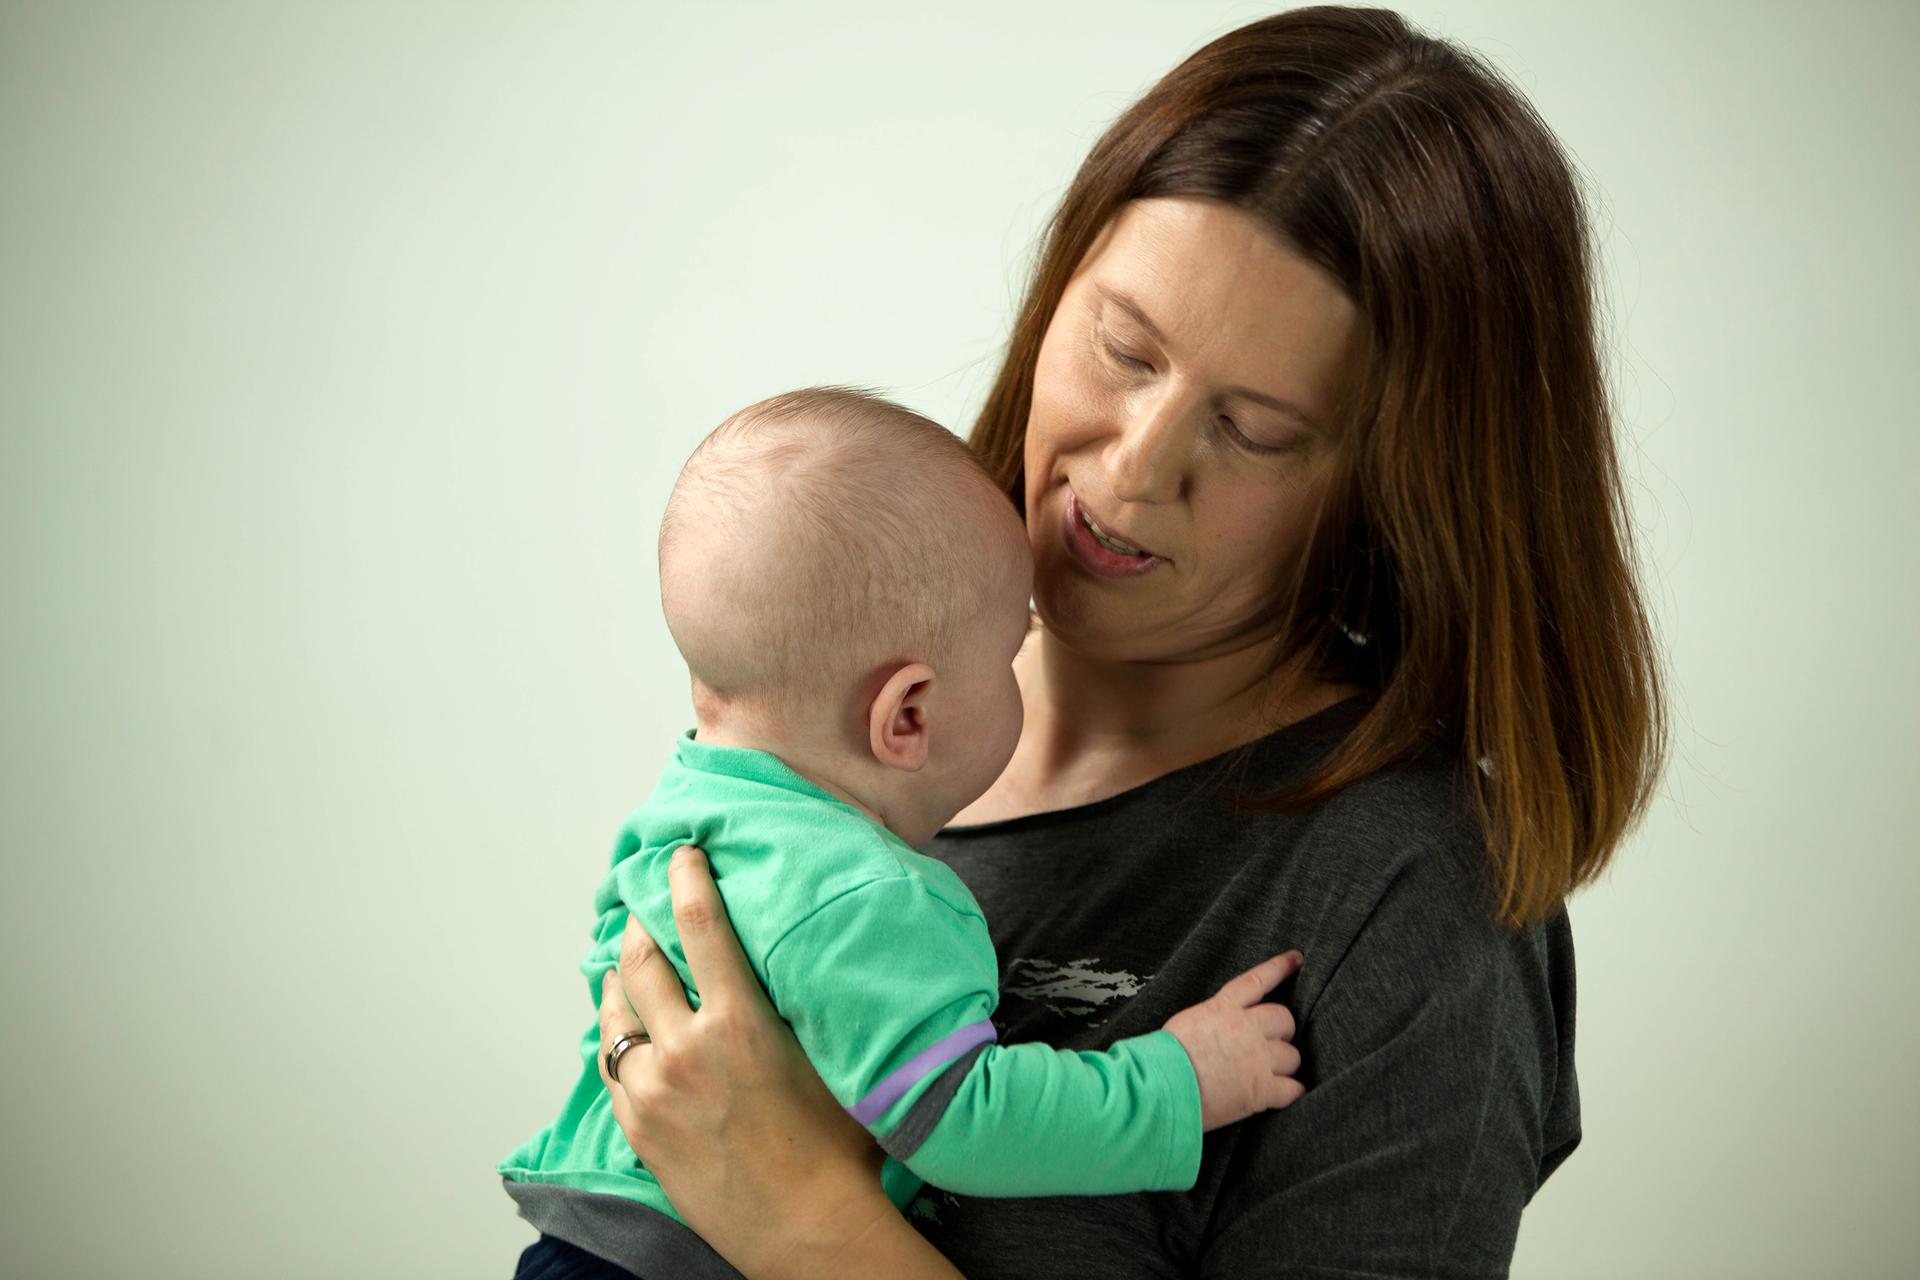 Galeria prezentuje przykłady czterech sytuacji, wktórych jest potrzebny zmysł węchu. Na pierwszej fotografii widoczna mama trzymająca blisko siebie niemowlę.